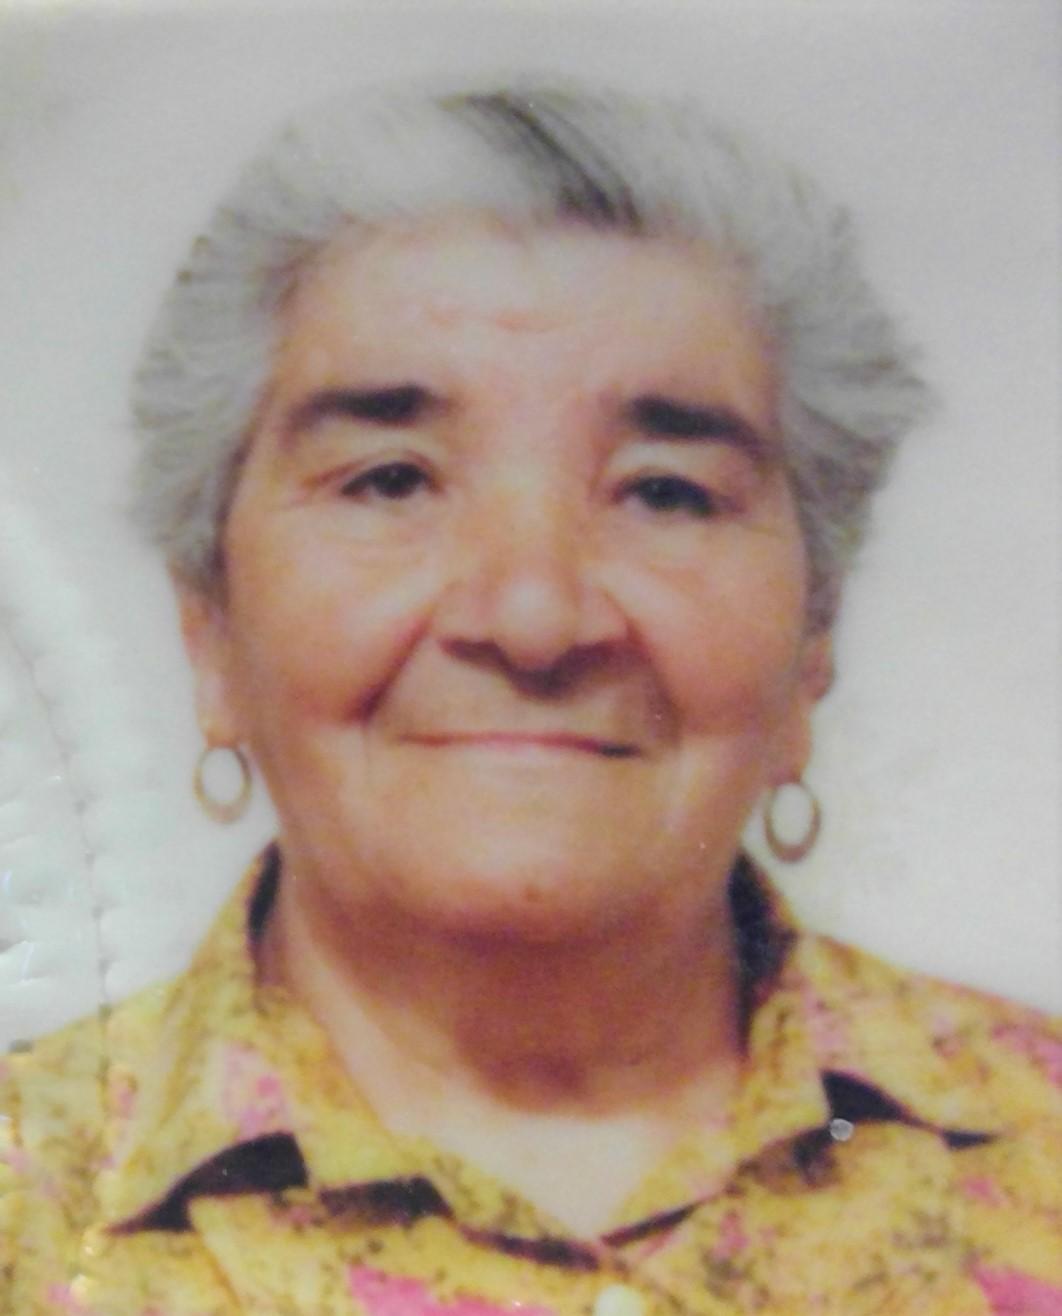 Júlia Lopes de Matos